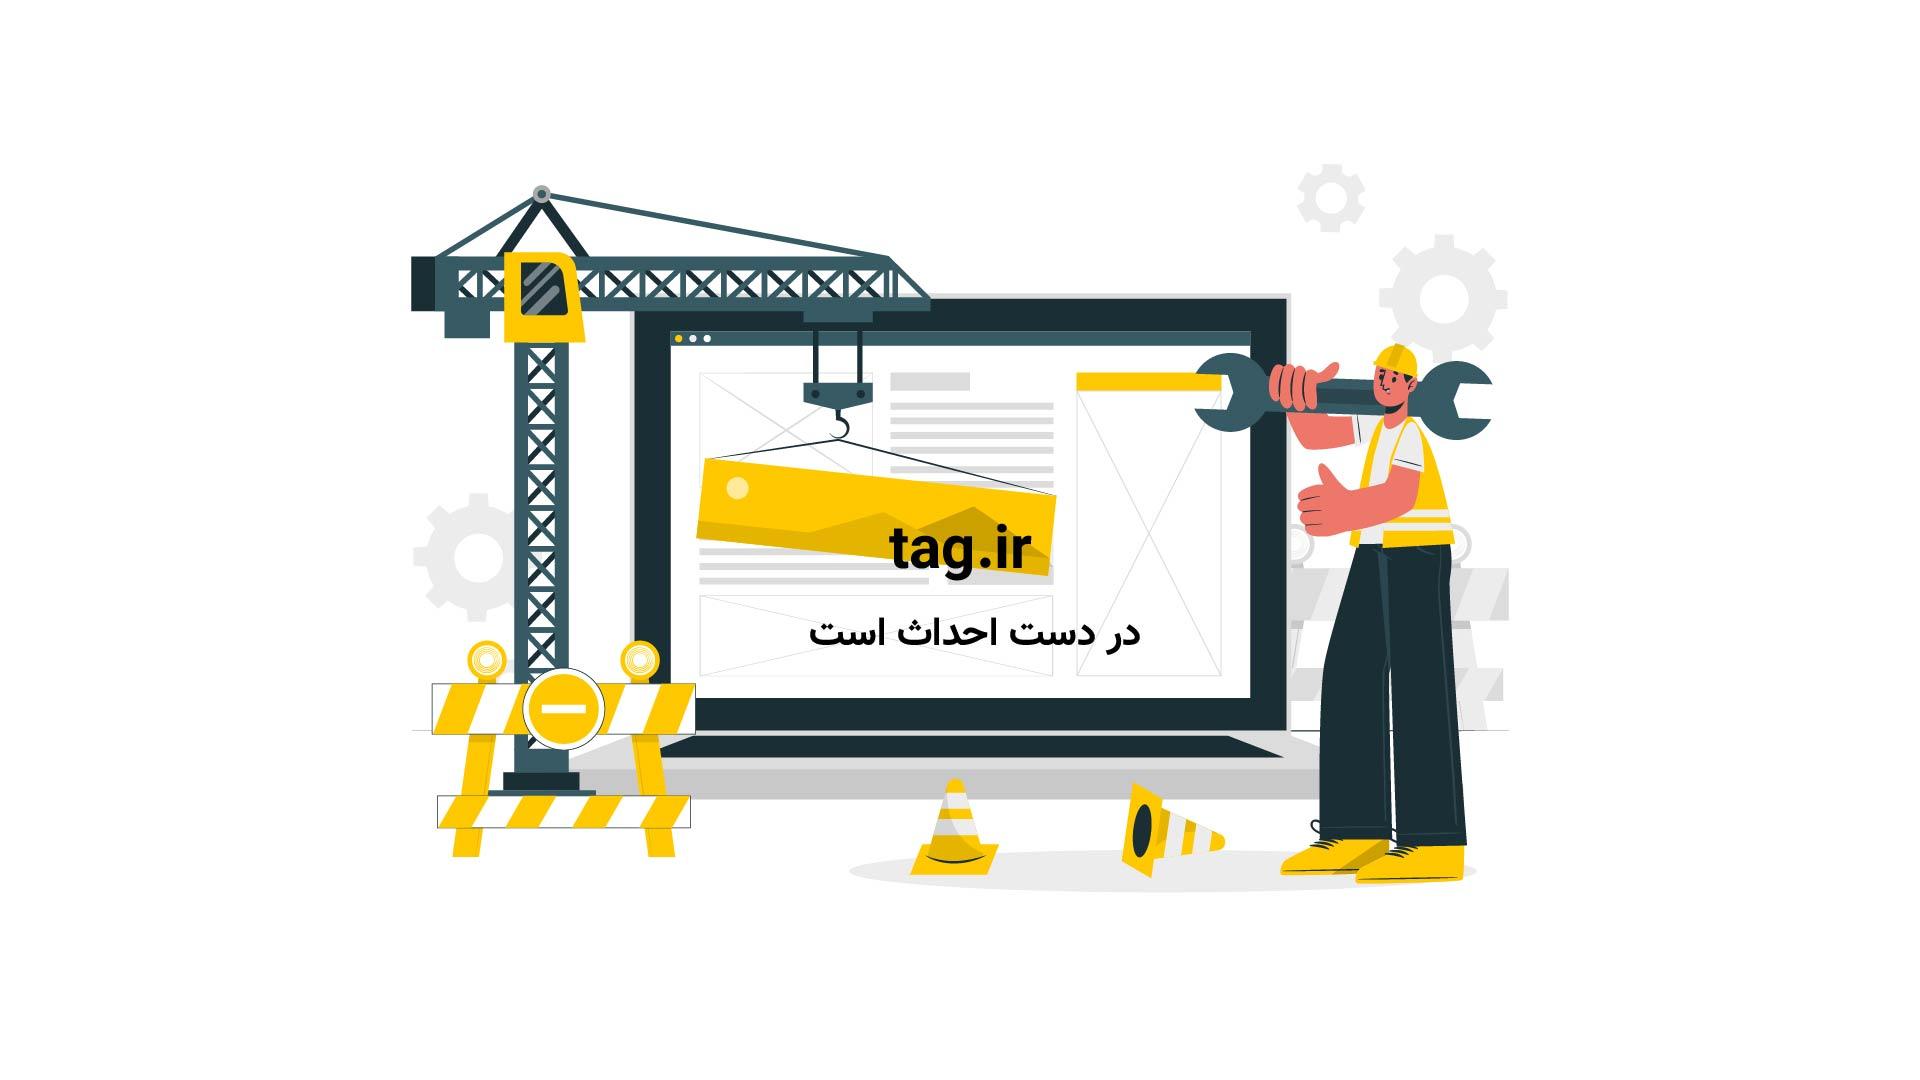 تکه پاره شدن ماهی اسکار توسط ماهیهای گوشتخوار پیرانا|تگ